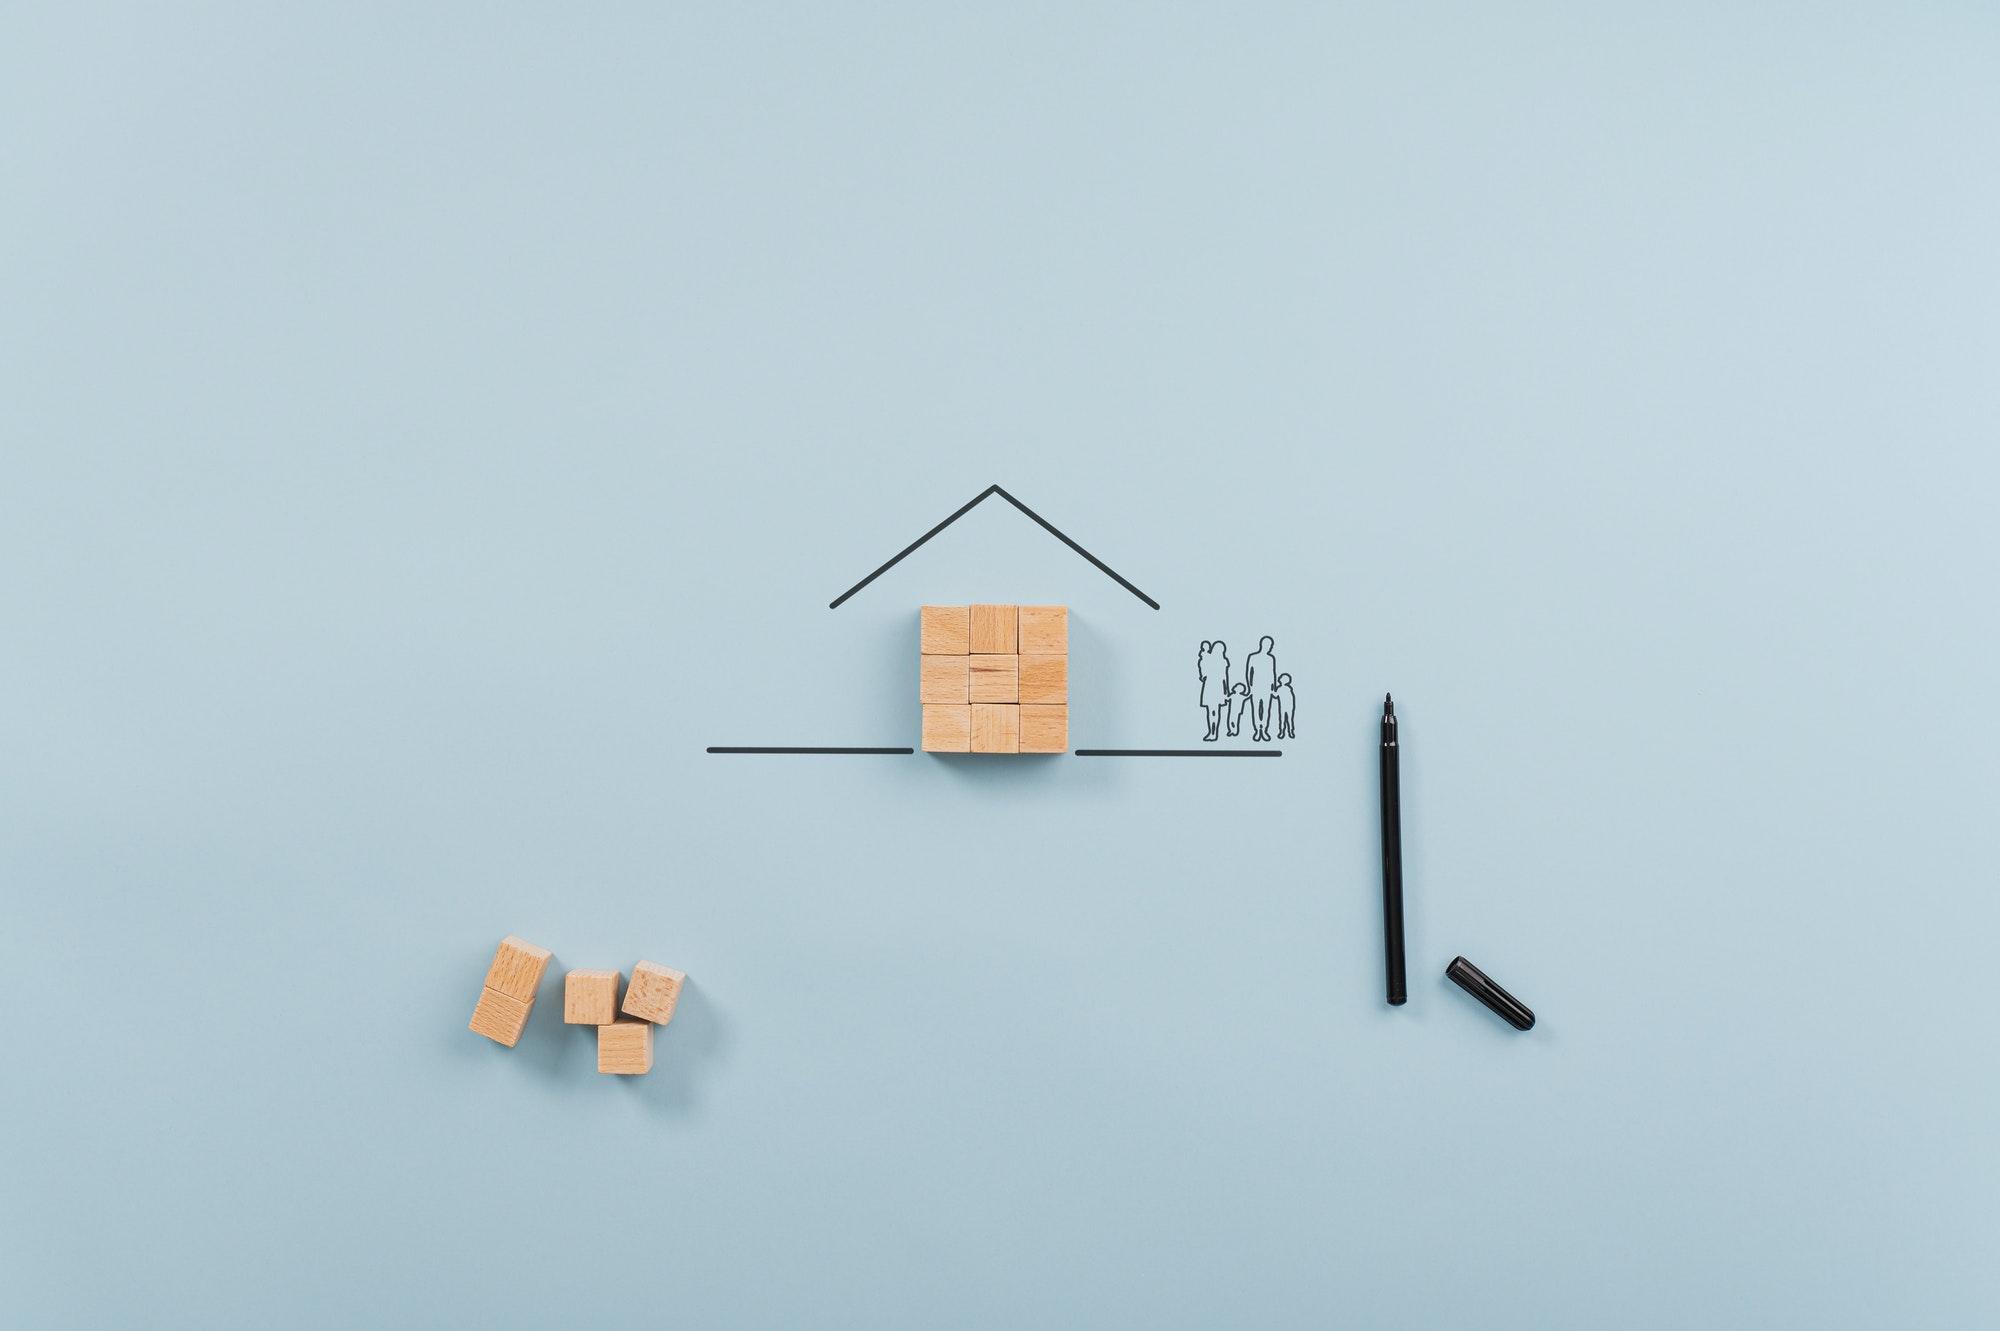 Hvad koster nyt el? På denne side kan du læse om el-renovering pris og se et eksempel på el-renovering priser hos elektriker i København